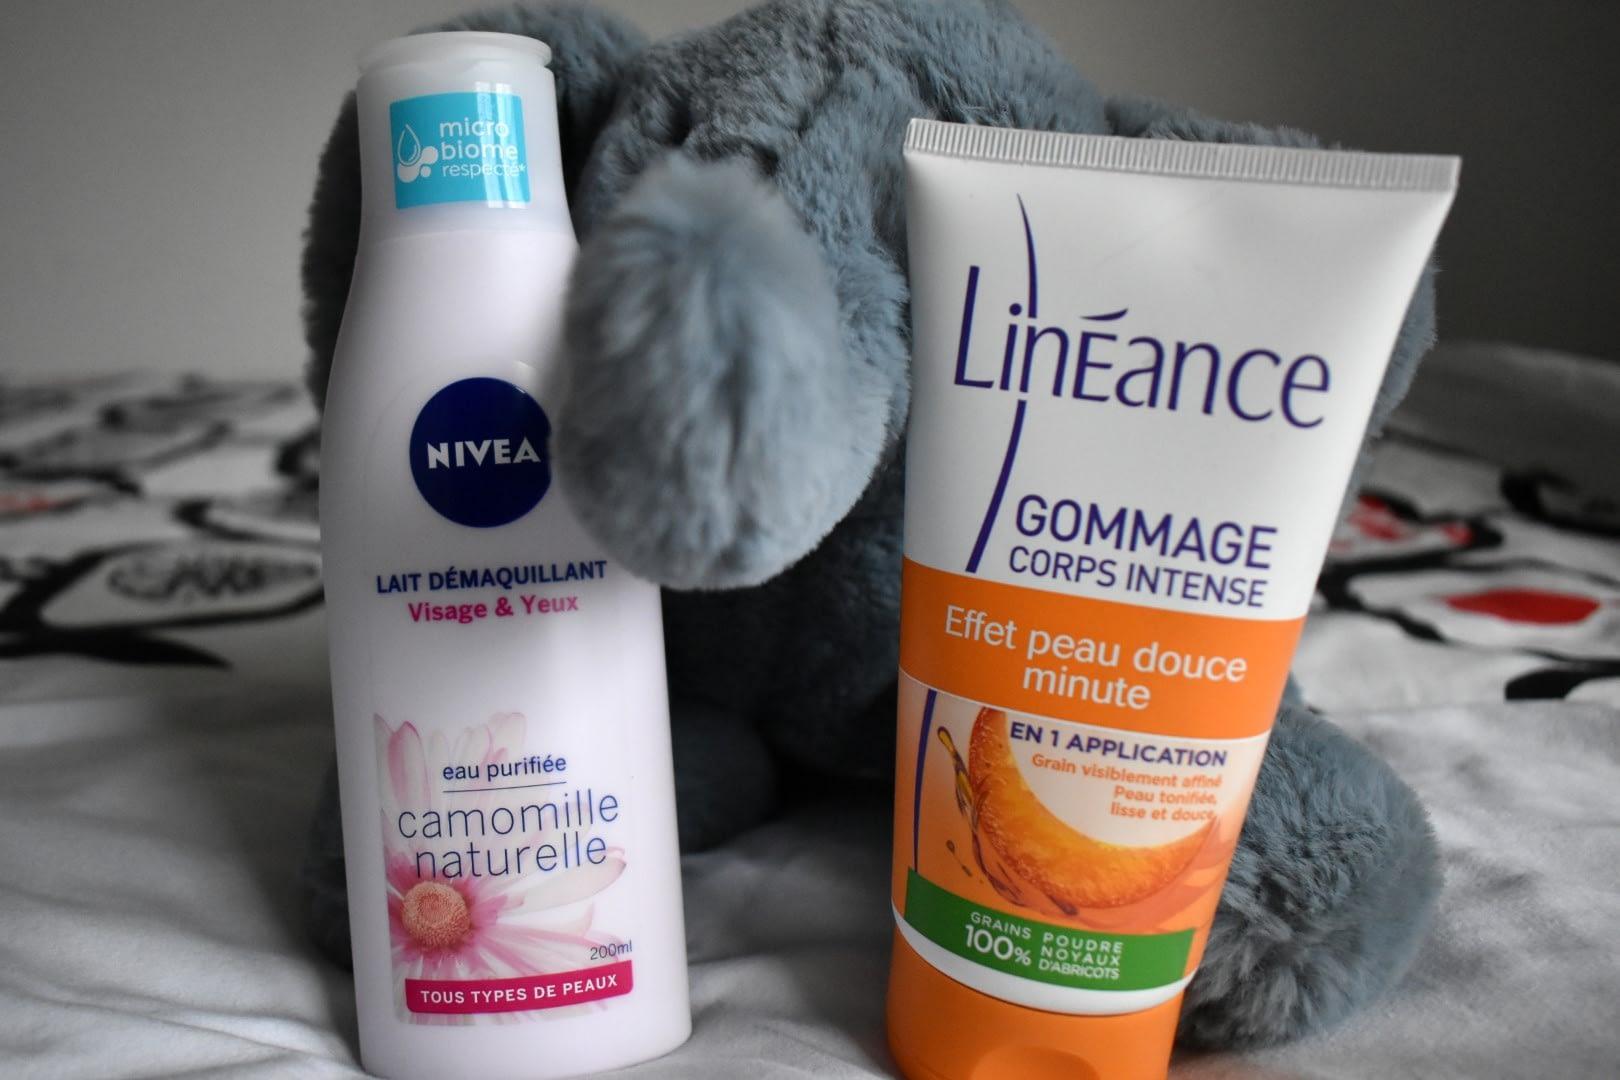 Nivéa makeup remover and Linéance body scrub